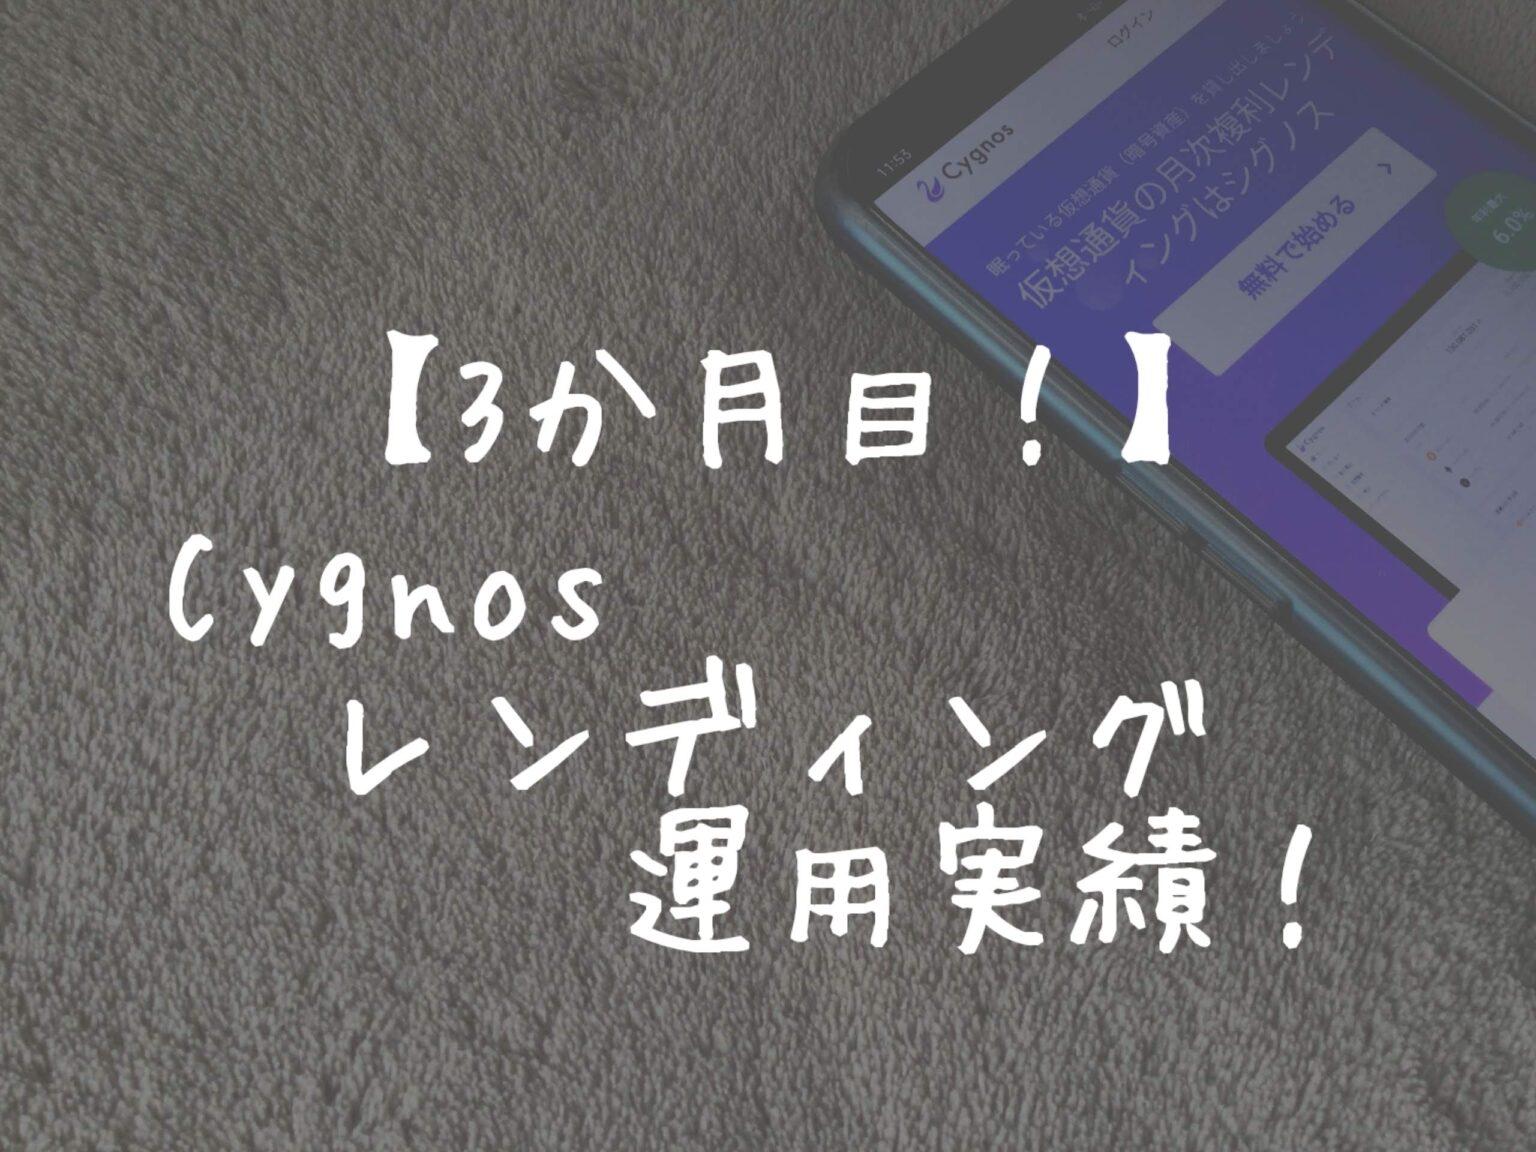 【3か月目!604円】Cygnos(シグノス)レンディング運用実績!